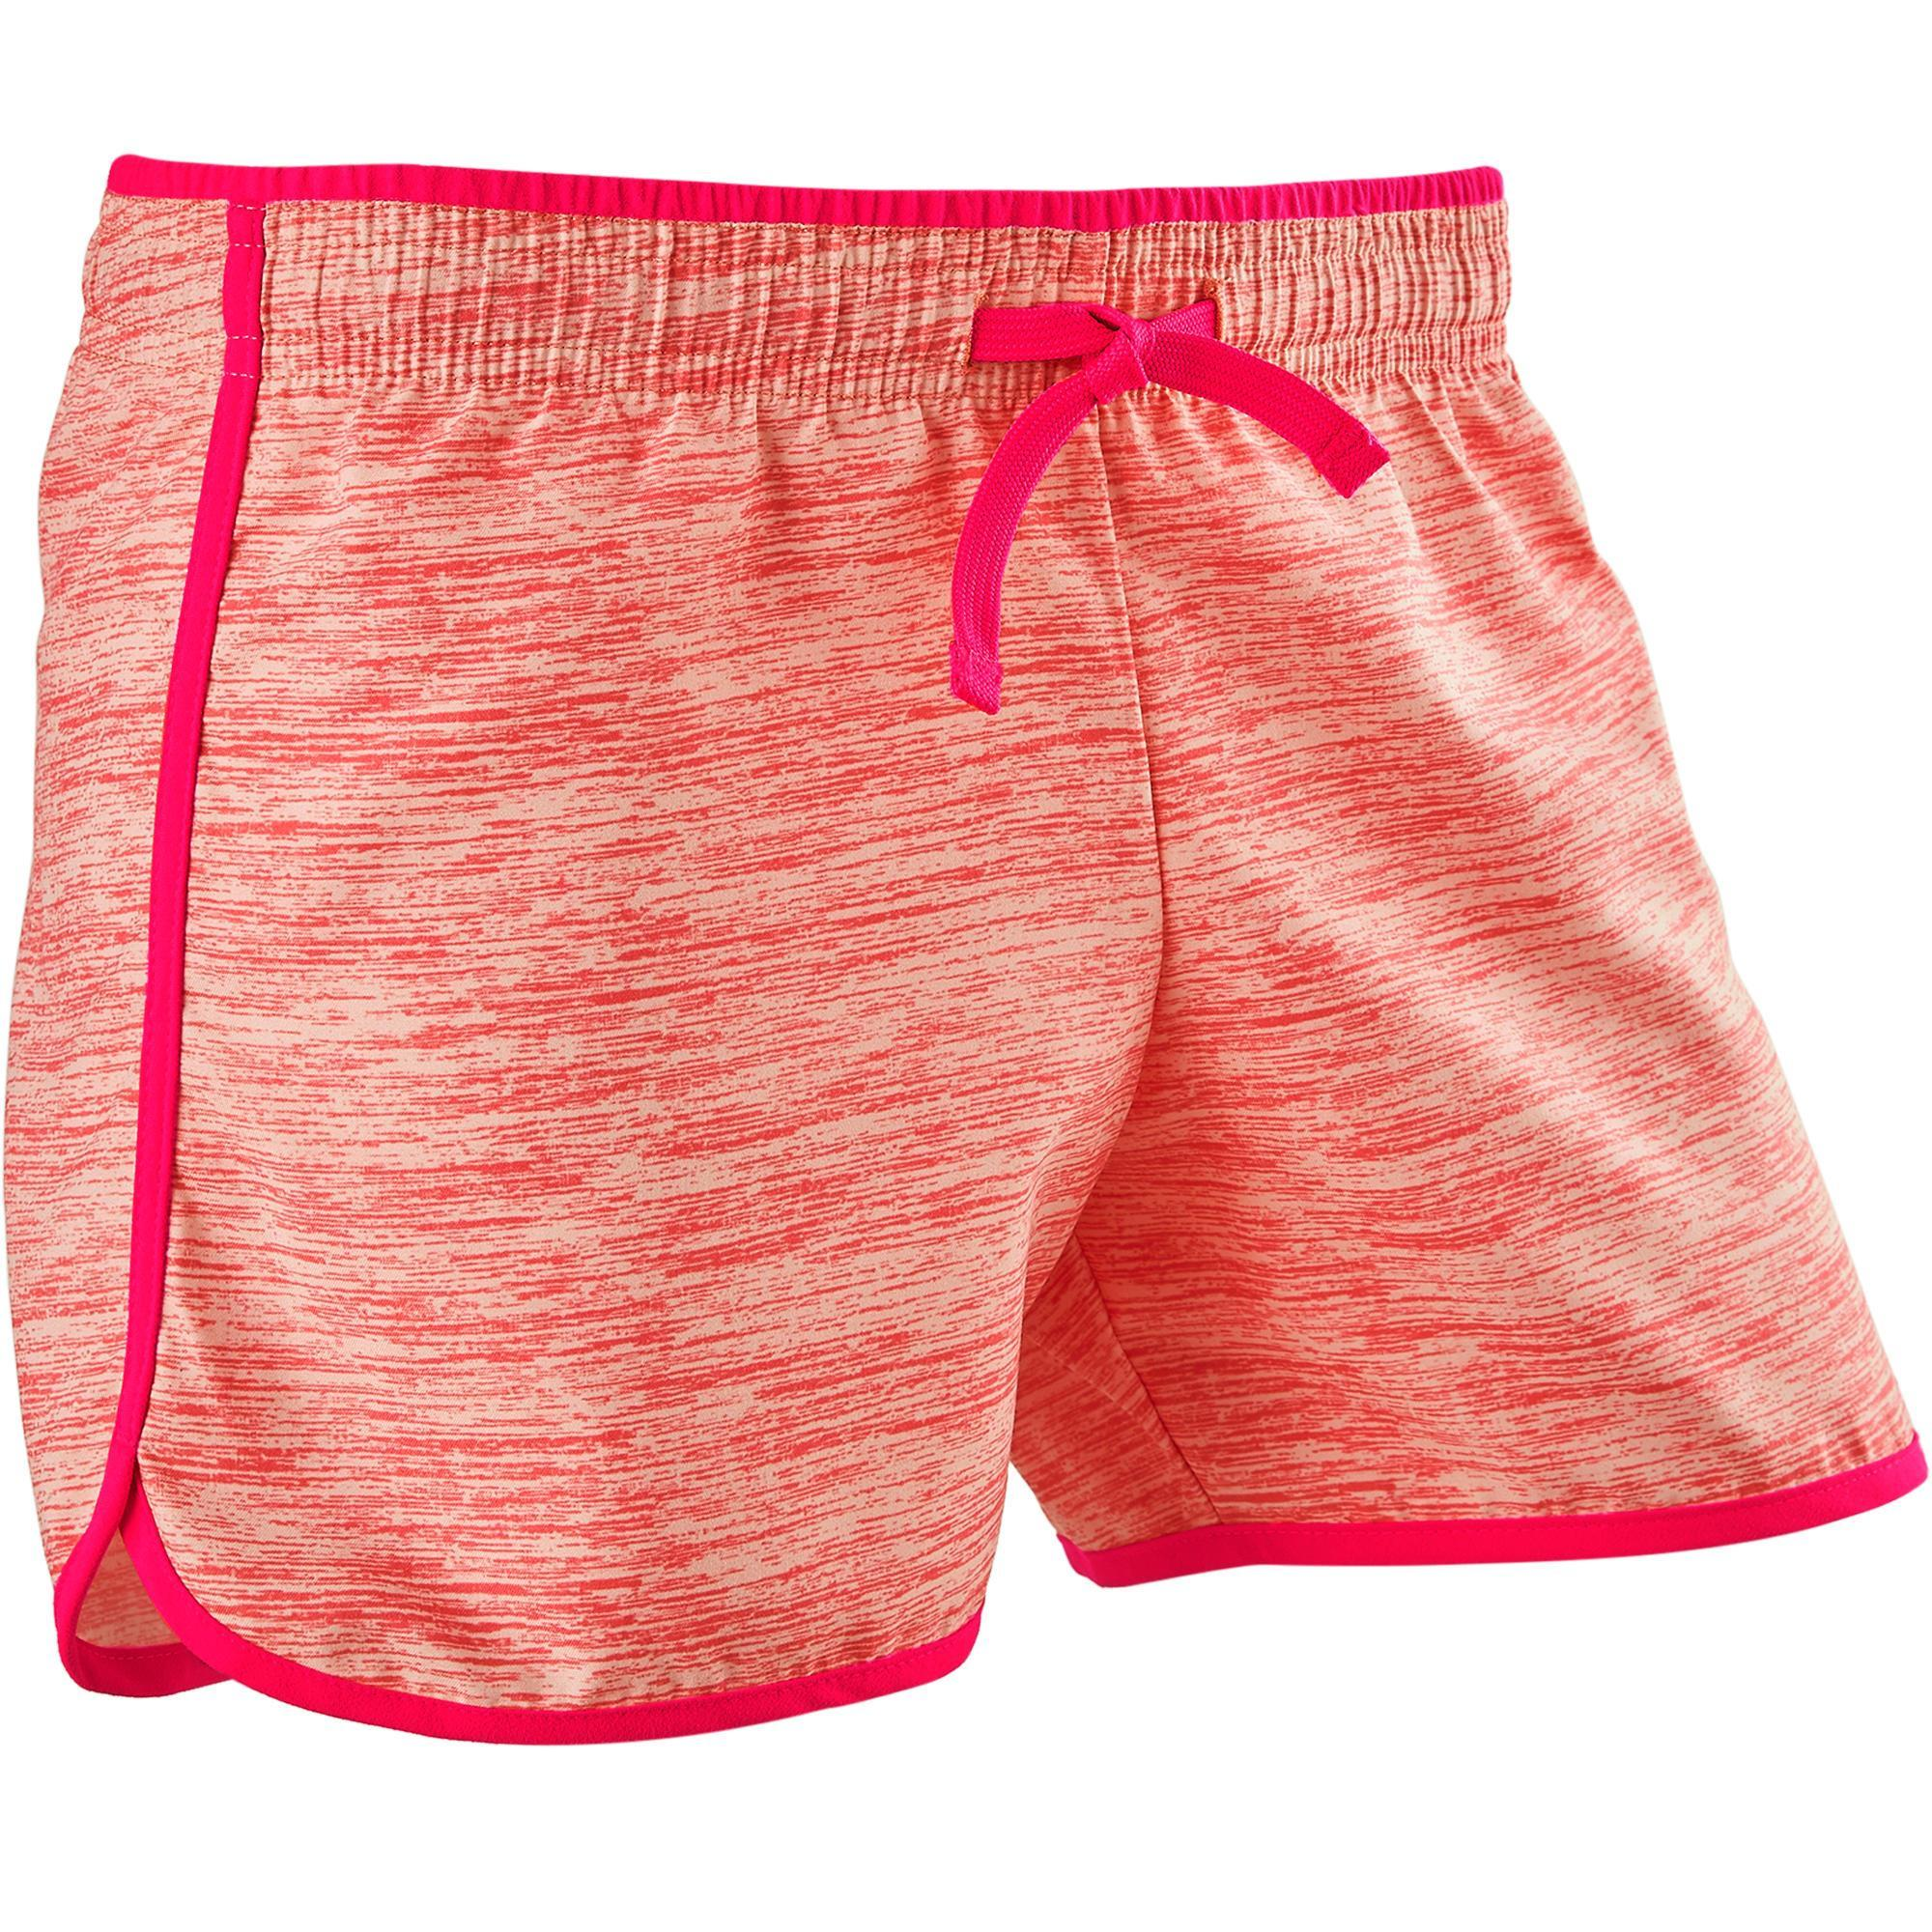 Sporthose kurz W500 Gym Mädchen rosa